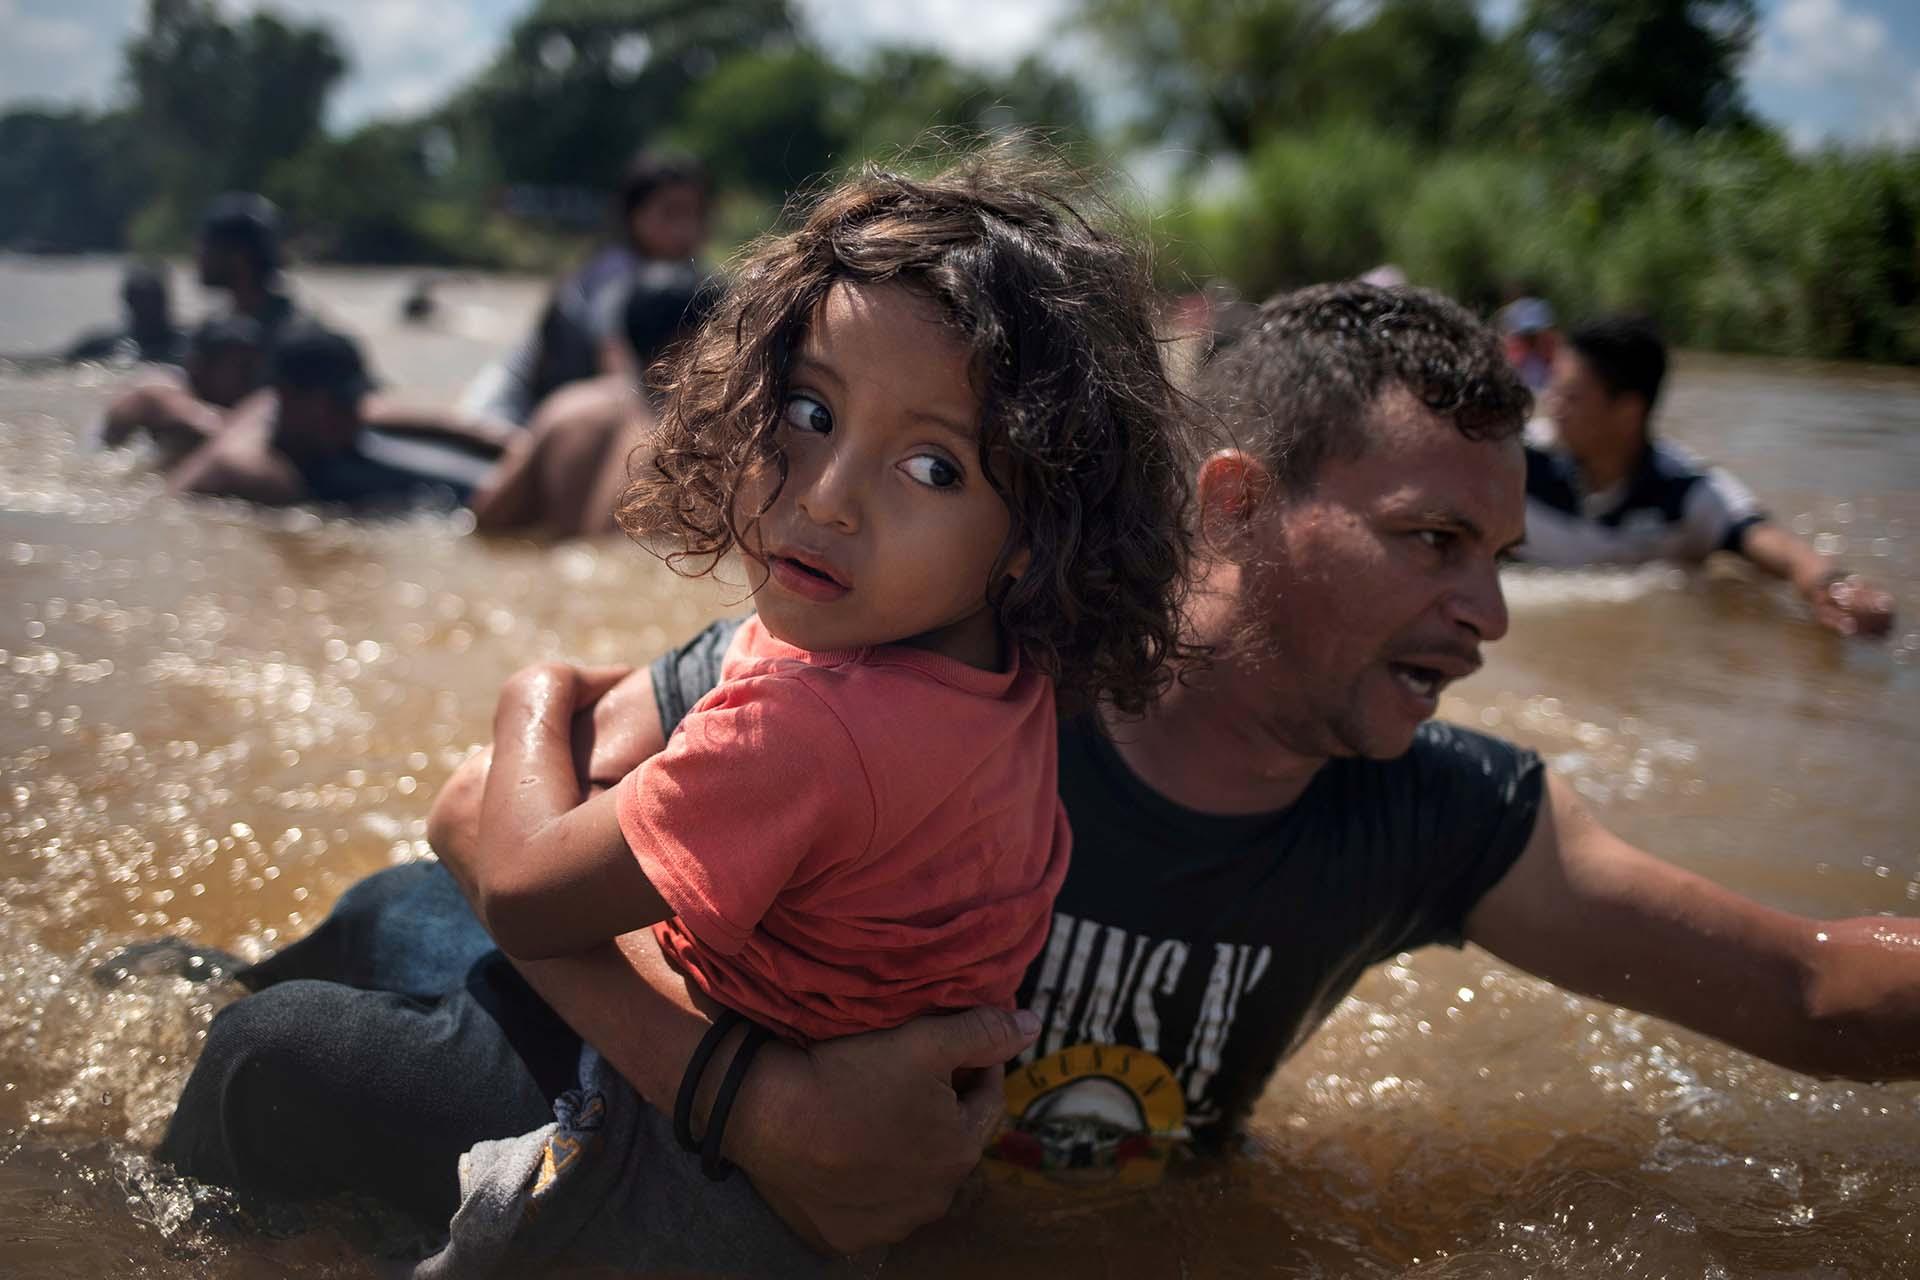 Luis Acosta sostiene como puede al pequeño Ángel Jesús, de 5 años. Ambos son de Honduras e intentan cruzar el río Suchiate a México desde Guatemala, el 29 de octubre, con el objetivo final de llegar a los EEUU